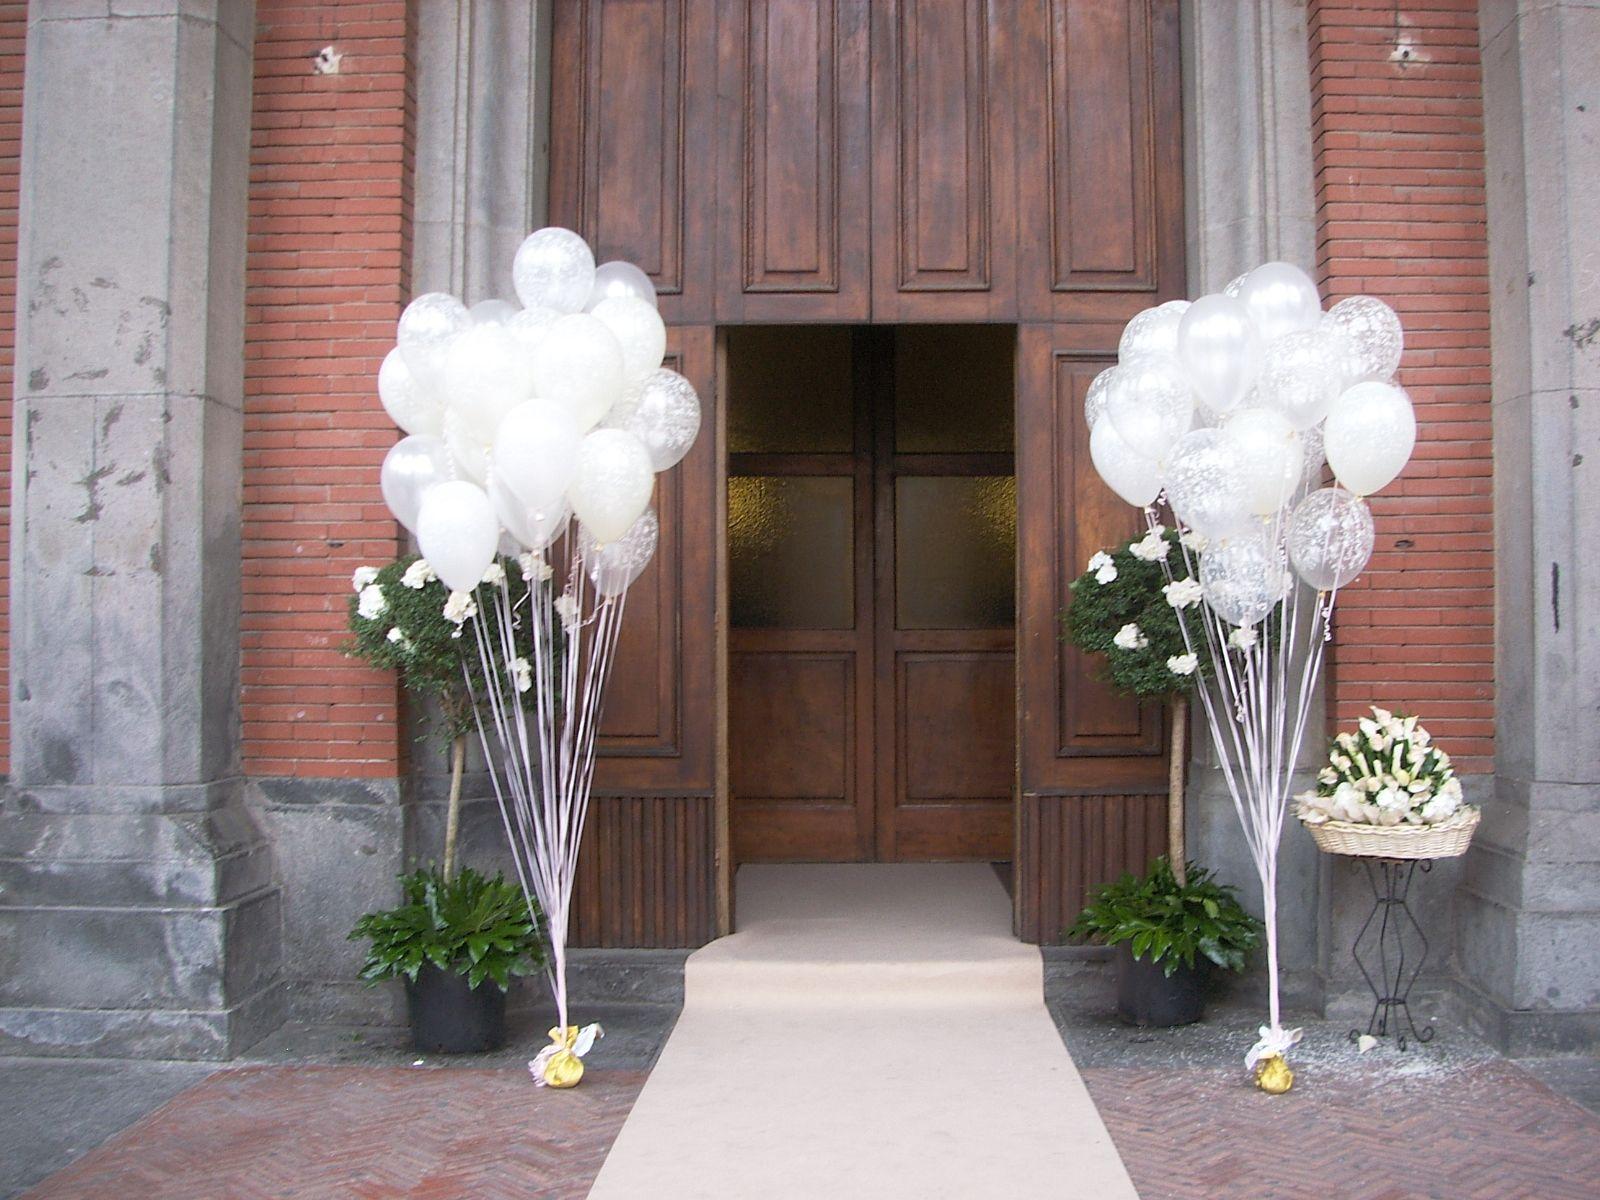 Consigli Sul Matrimonio Addobbi Con Palloncini Consigli Sul Matrimonio Palloncini Matrimonio Palloncini